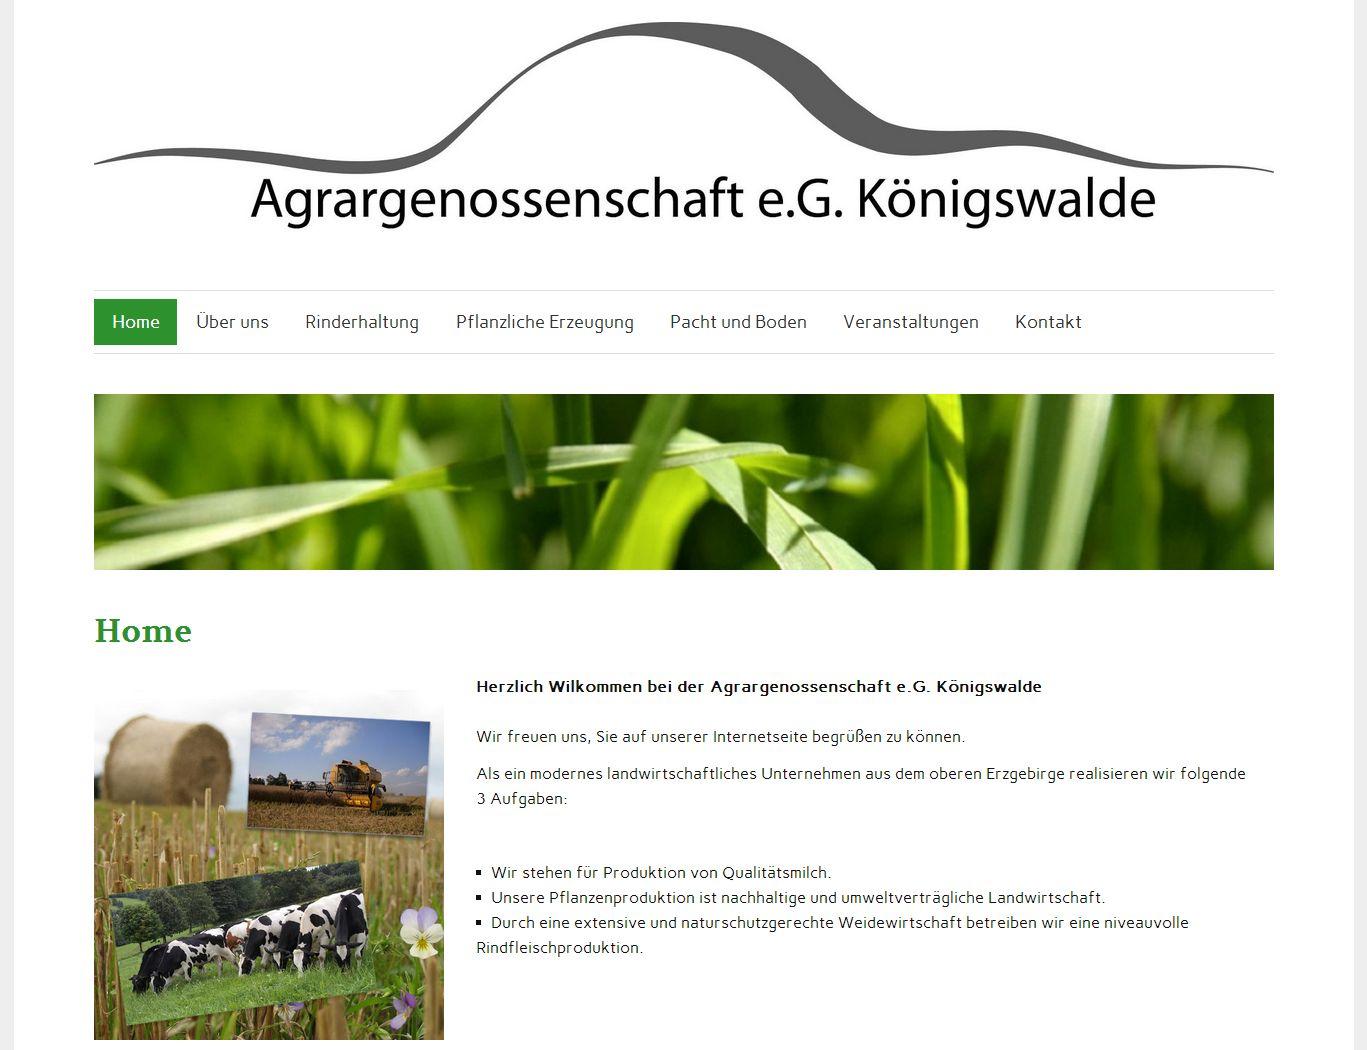 2014 Agrargenossenschaft Koenigswalde Relaunch Erzgebirge